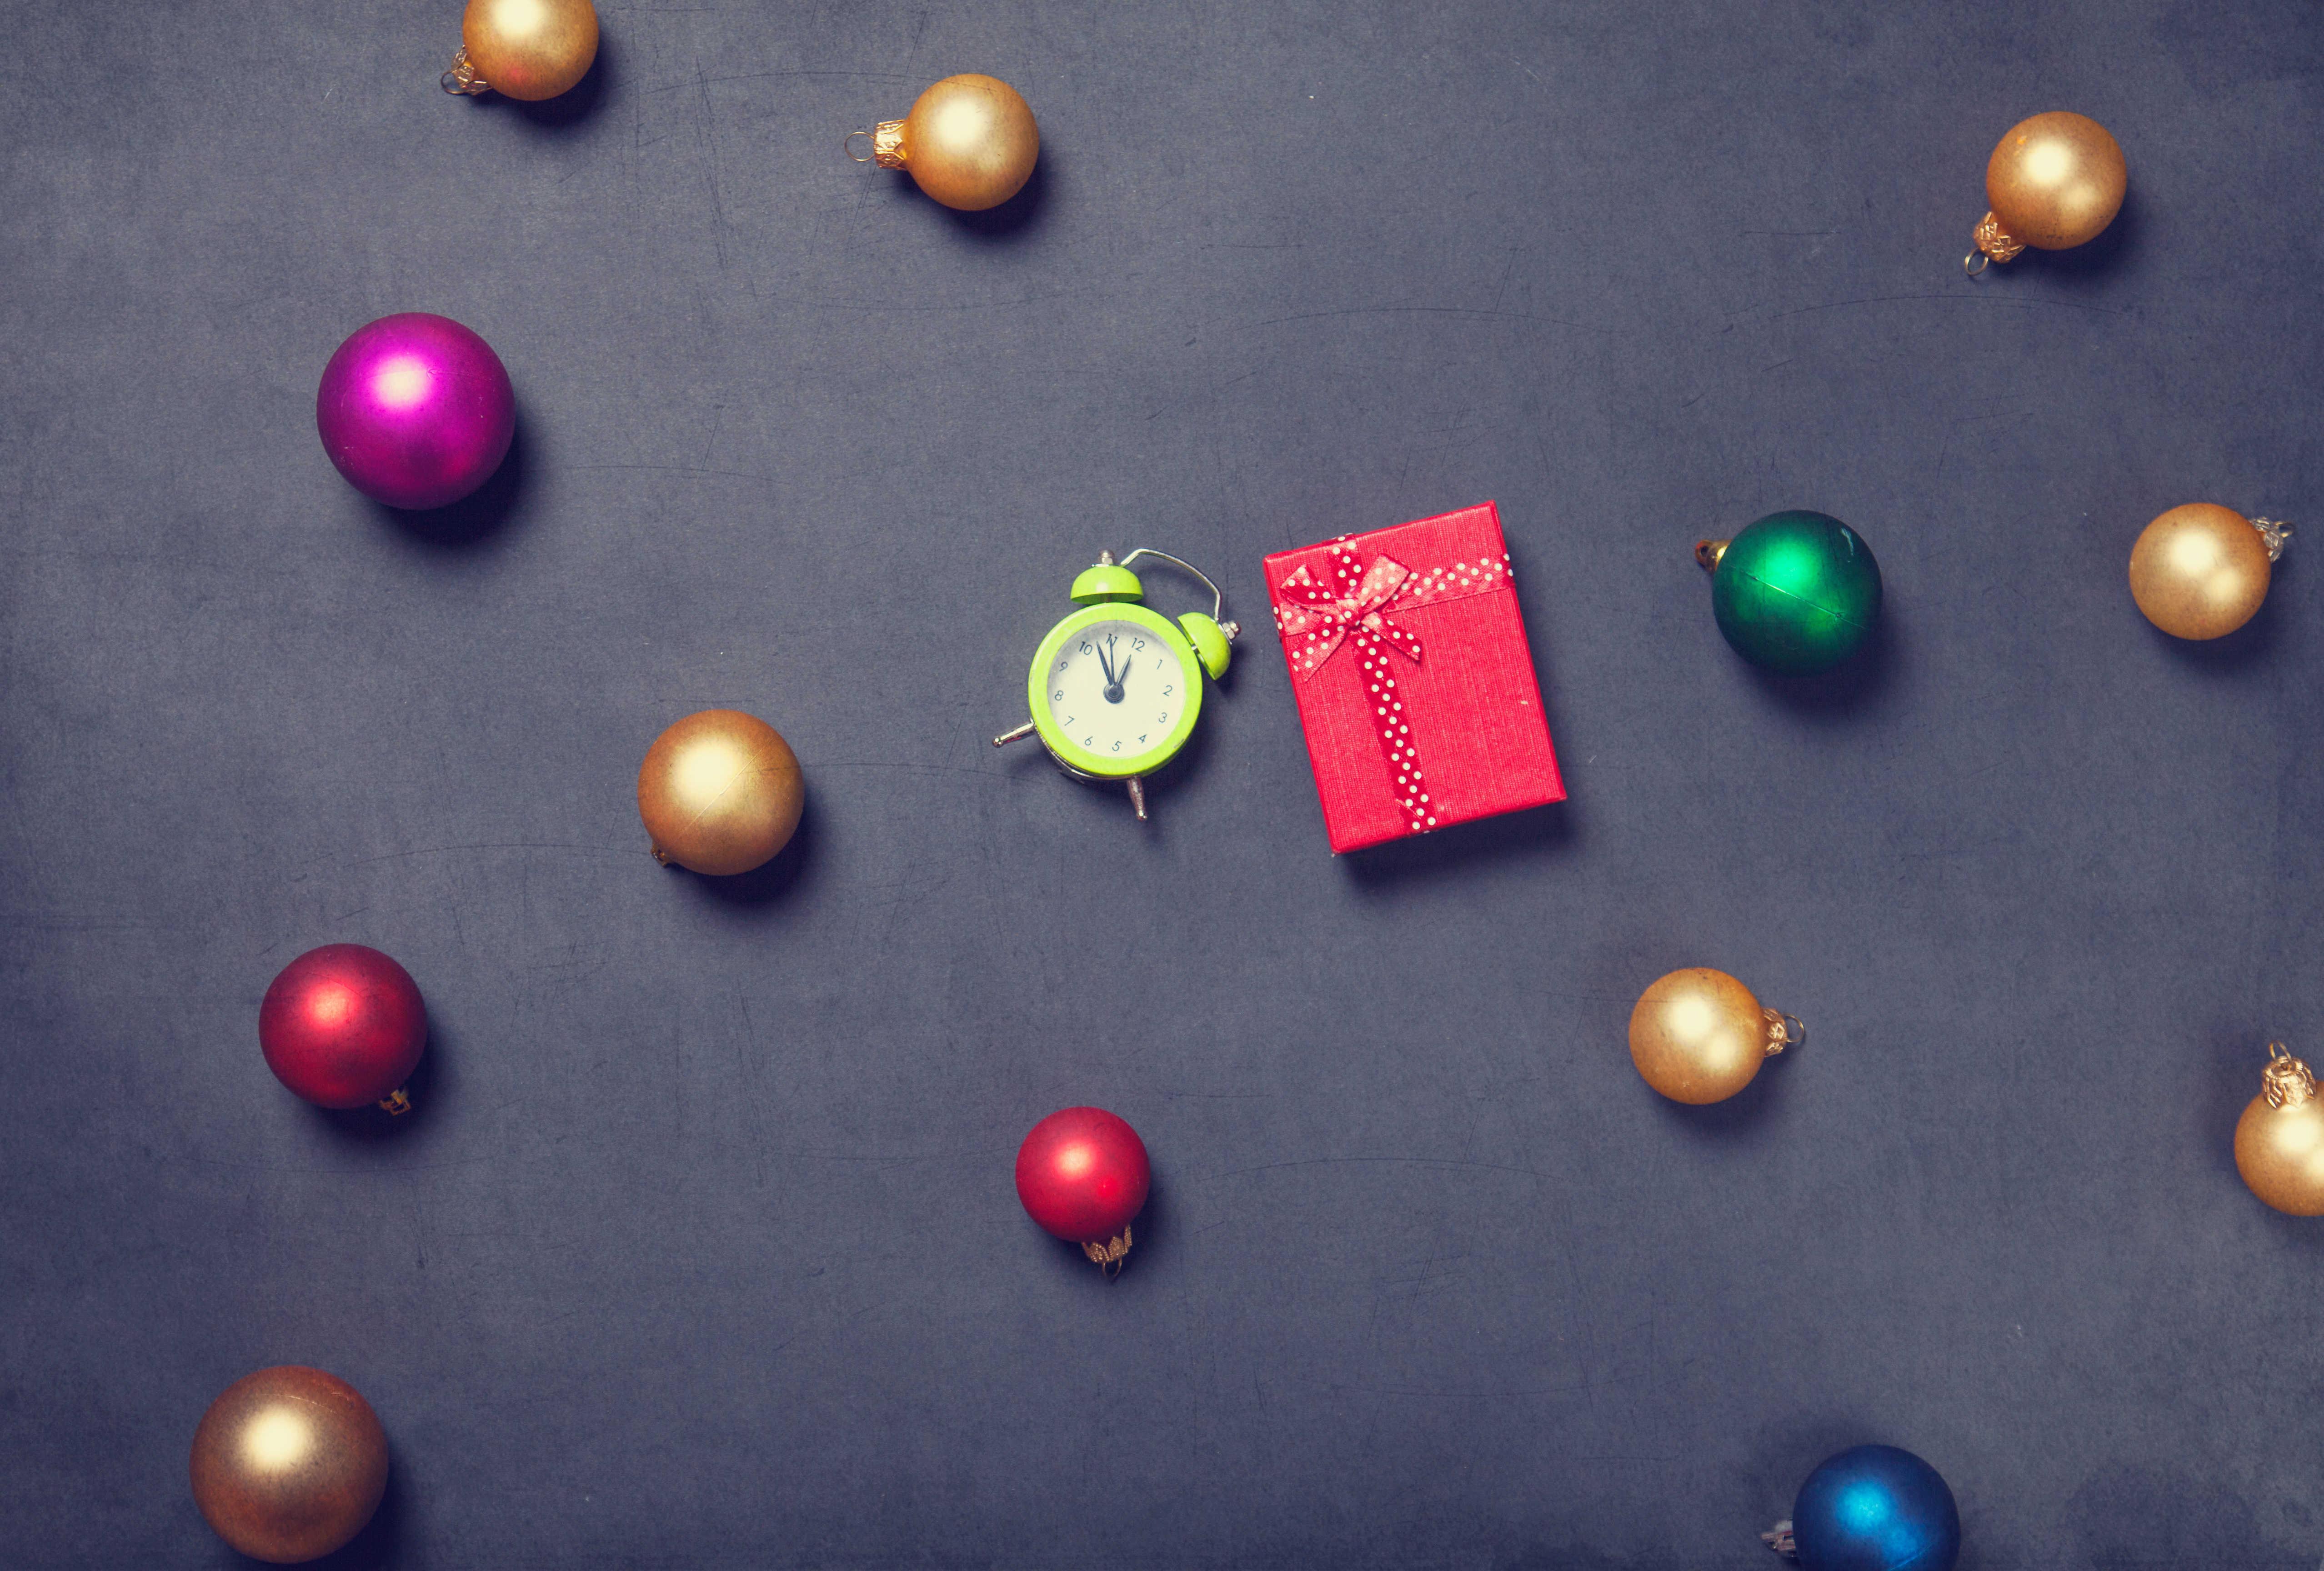 pomysły na prezent świąteczny